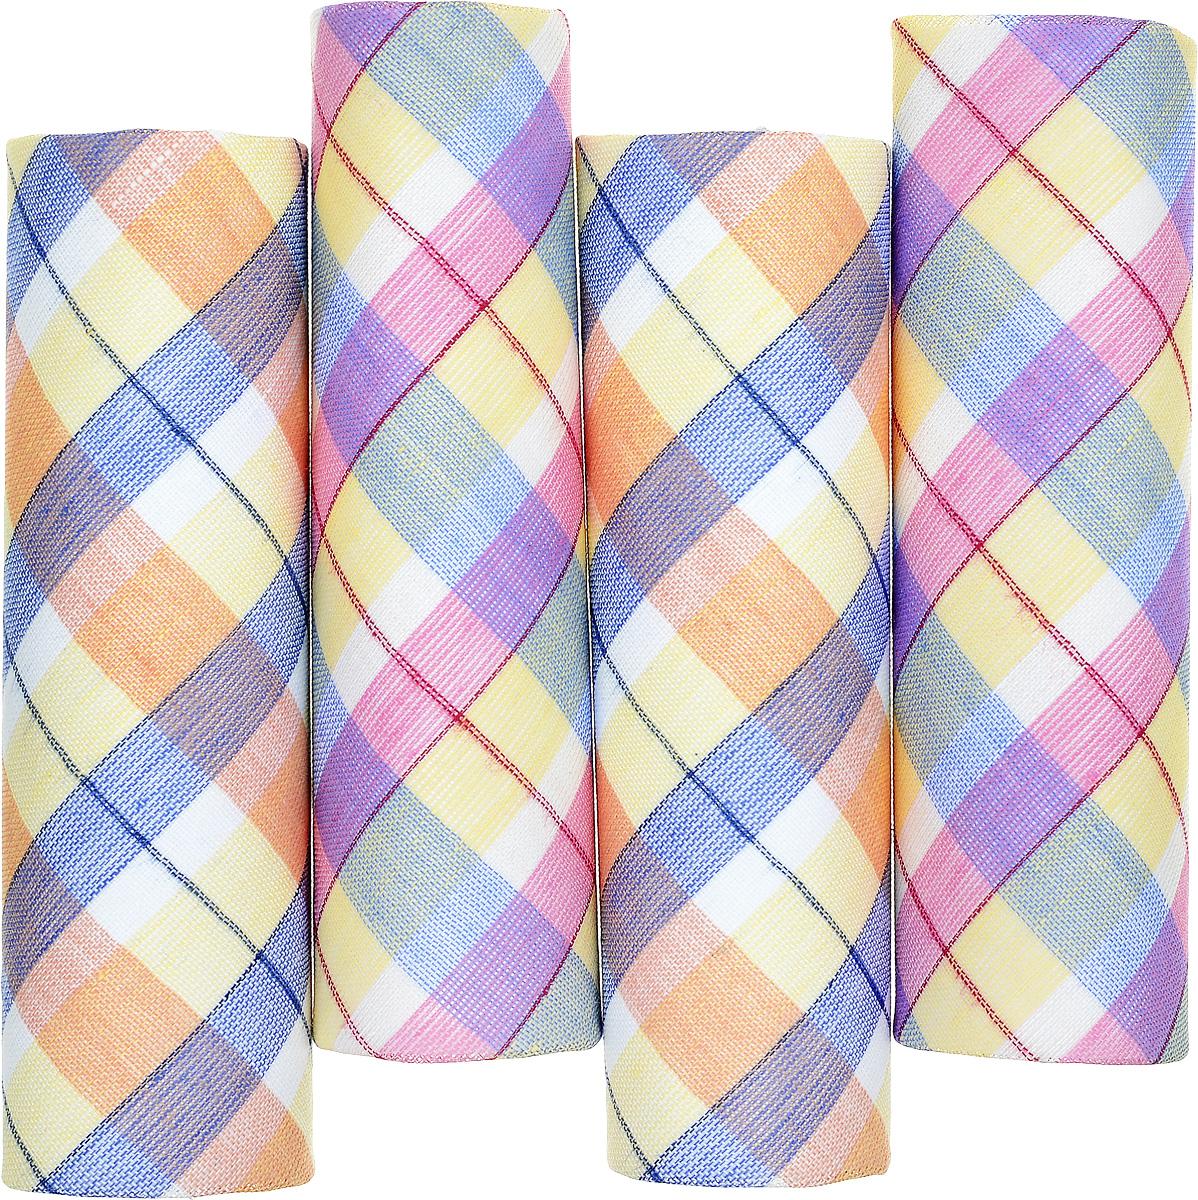 Платок носовой женский Zlata Korunka, цвет: желтый, розовый, голубой. 71420-16. Размер 29 х 29 см, 4 шт39864|Серьги с подвескамиНосовой платок Zlata Korunka изготовлен из высококачественного натурального хлопка, благодаря чему приятен в использовании, хорошо стирается, не садится и отлично впитывает влагу. Практичный и изящный носовой платок будет незаменим в повседневной жизни любого современного человека. Такой платок послужит стильным аксессуаром и подчеркнет ваше превосходное чувство вкуса.В комплекте 4 платка.